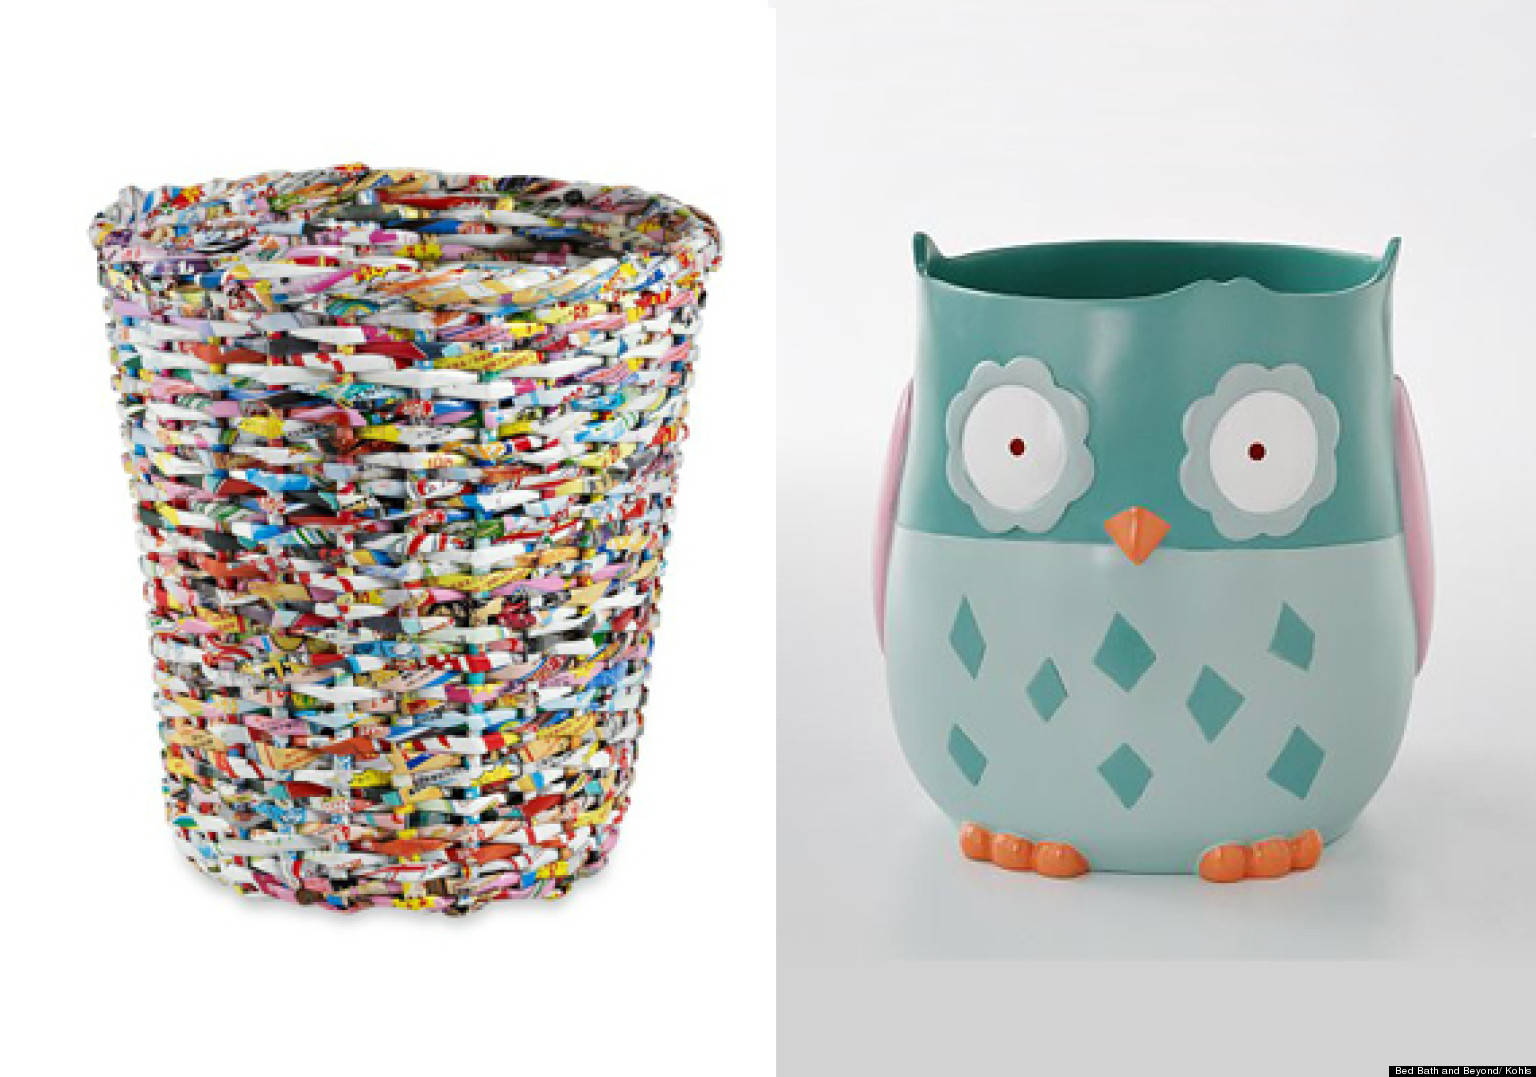 Contenedores de basura originales para tu baño (FOTOS)  Huffington